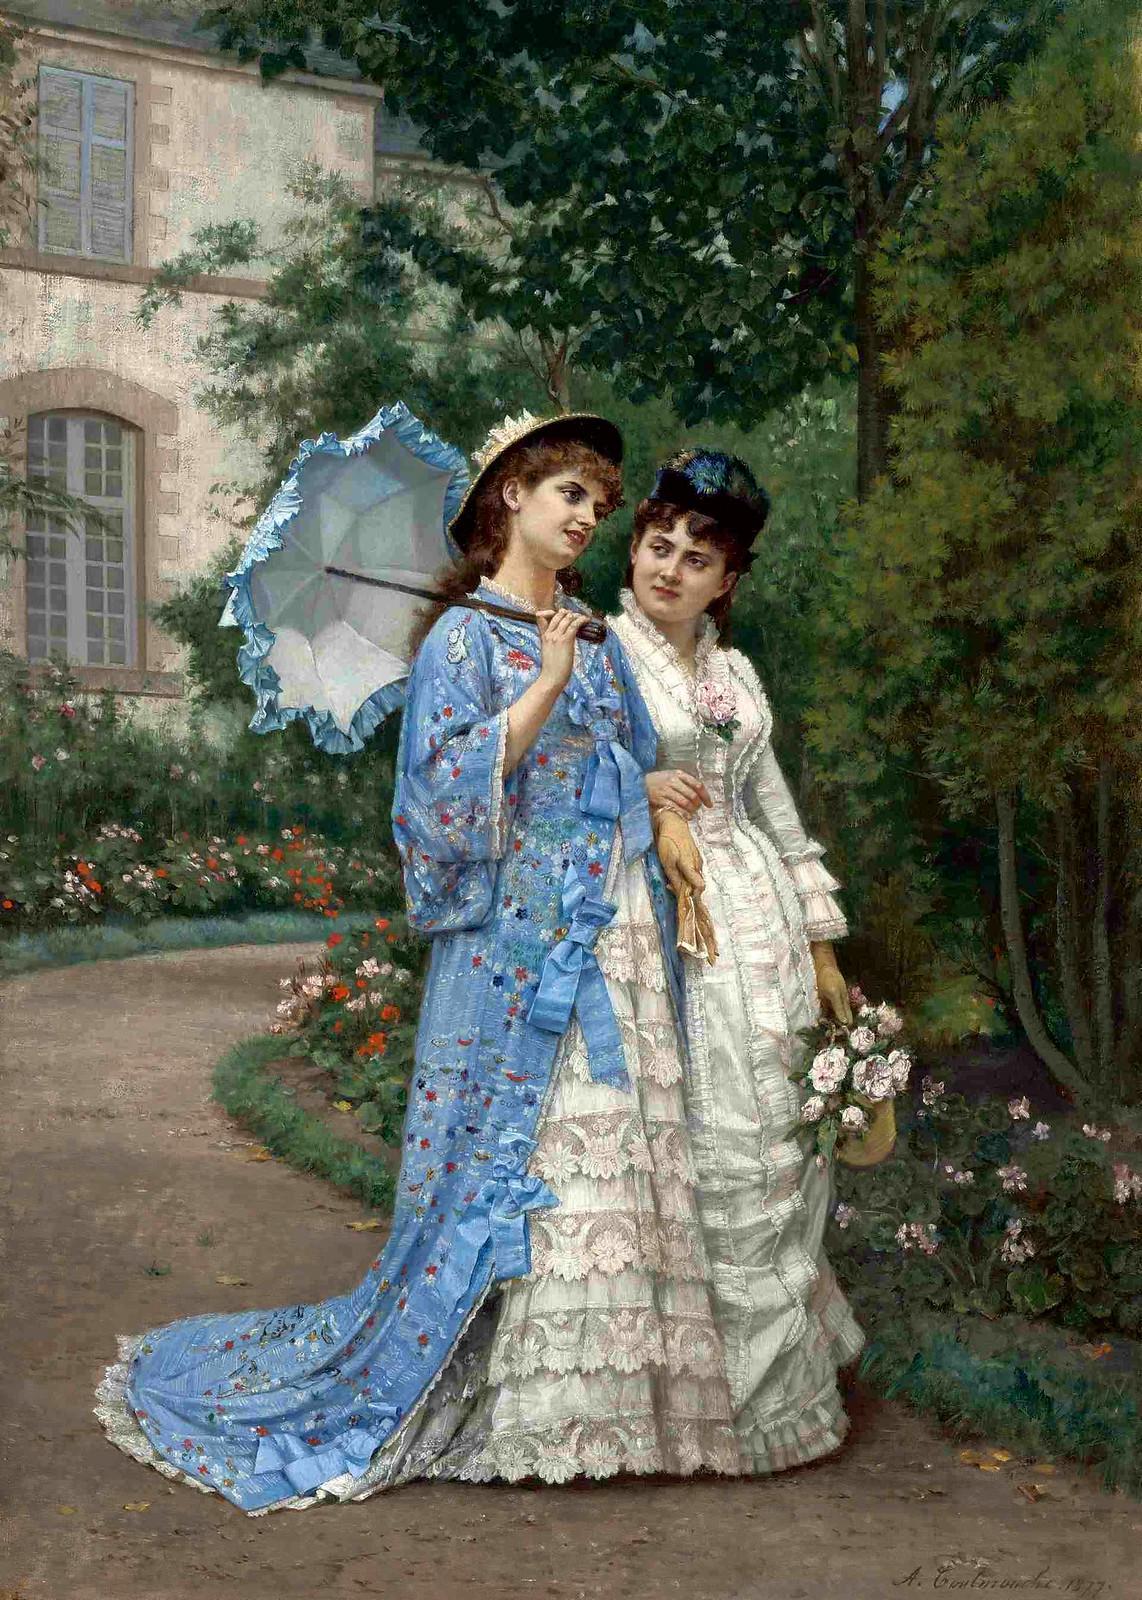 A Garden Stroll by Auguste Toulmuche, 1877